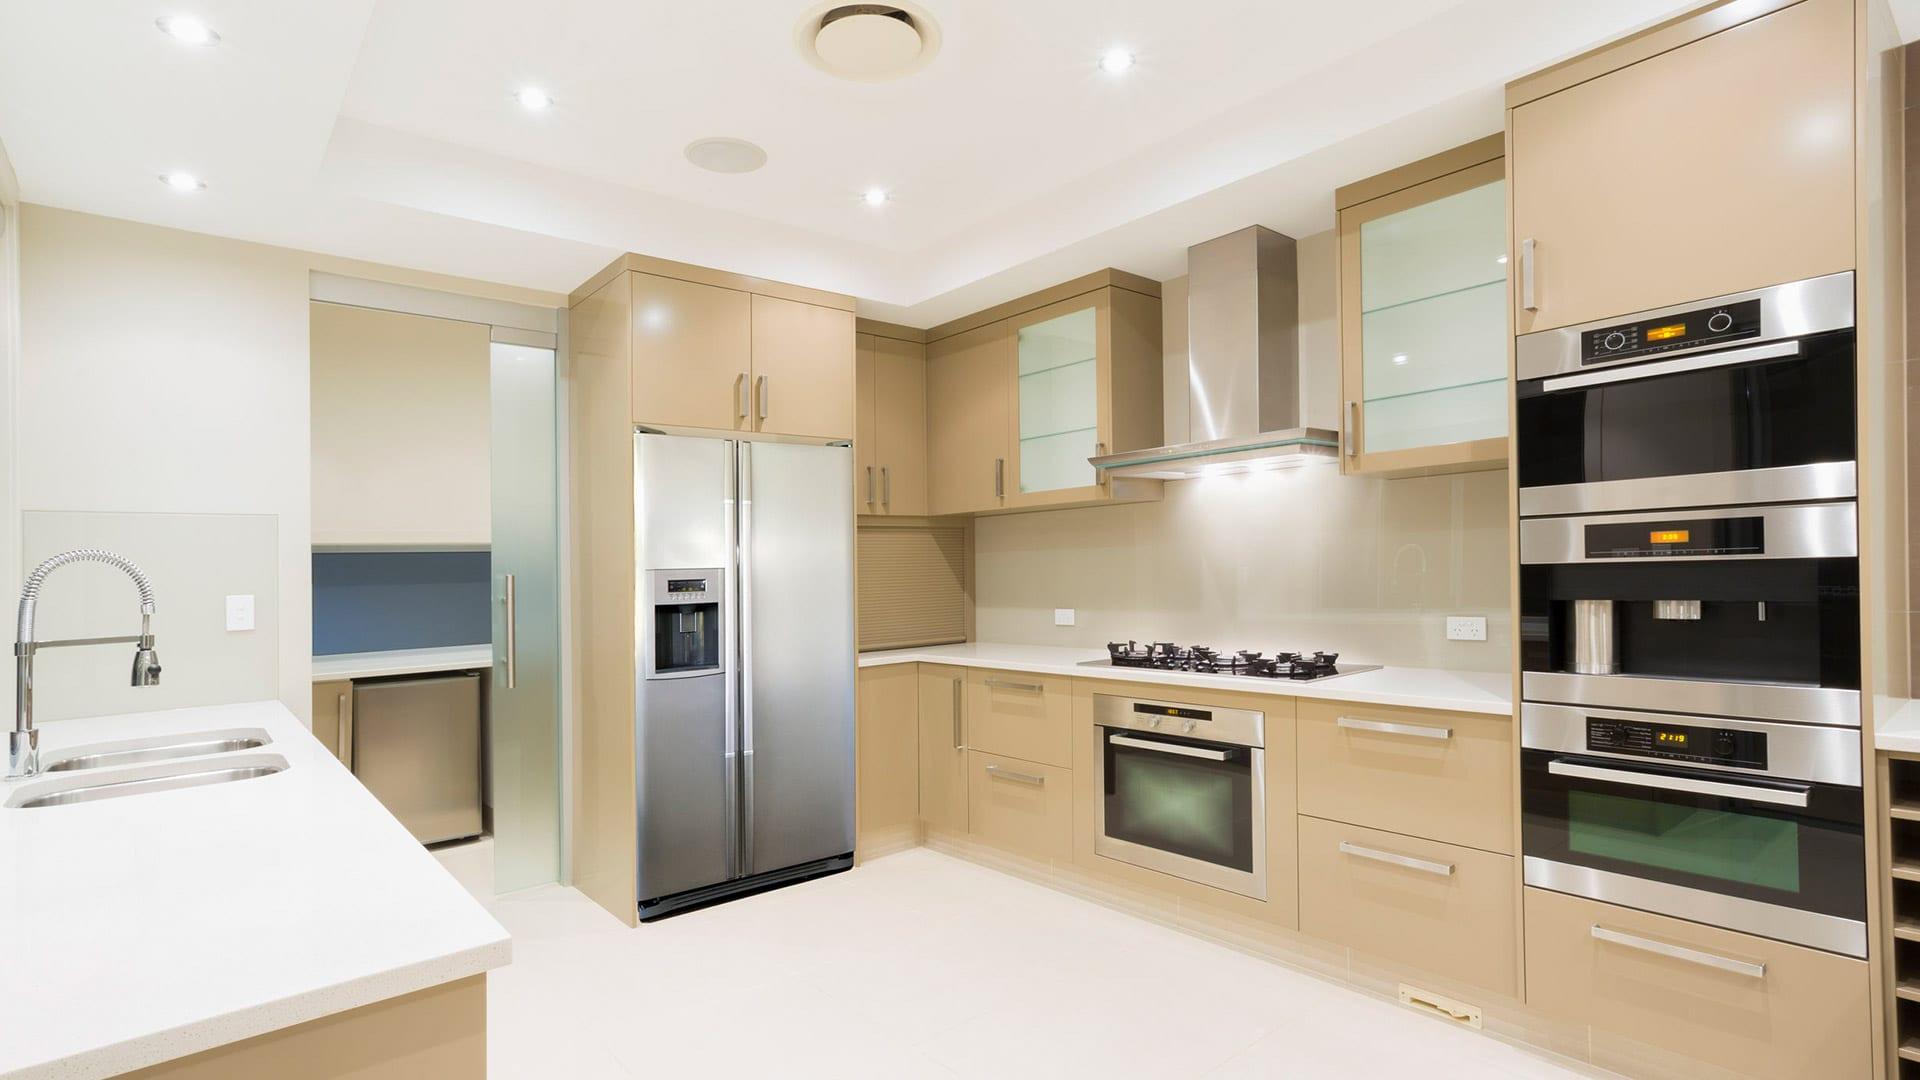 203k Loan Fha Home Renovation Mortgage Benefits